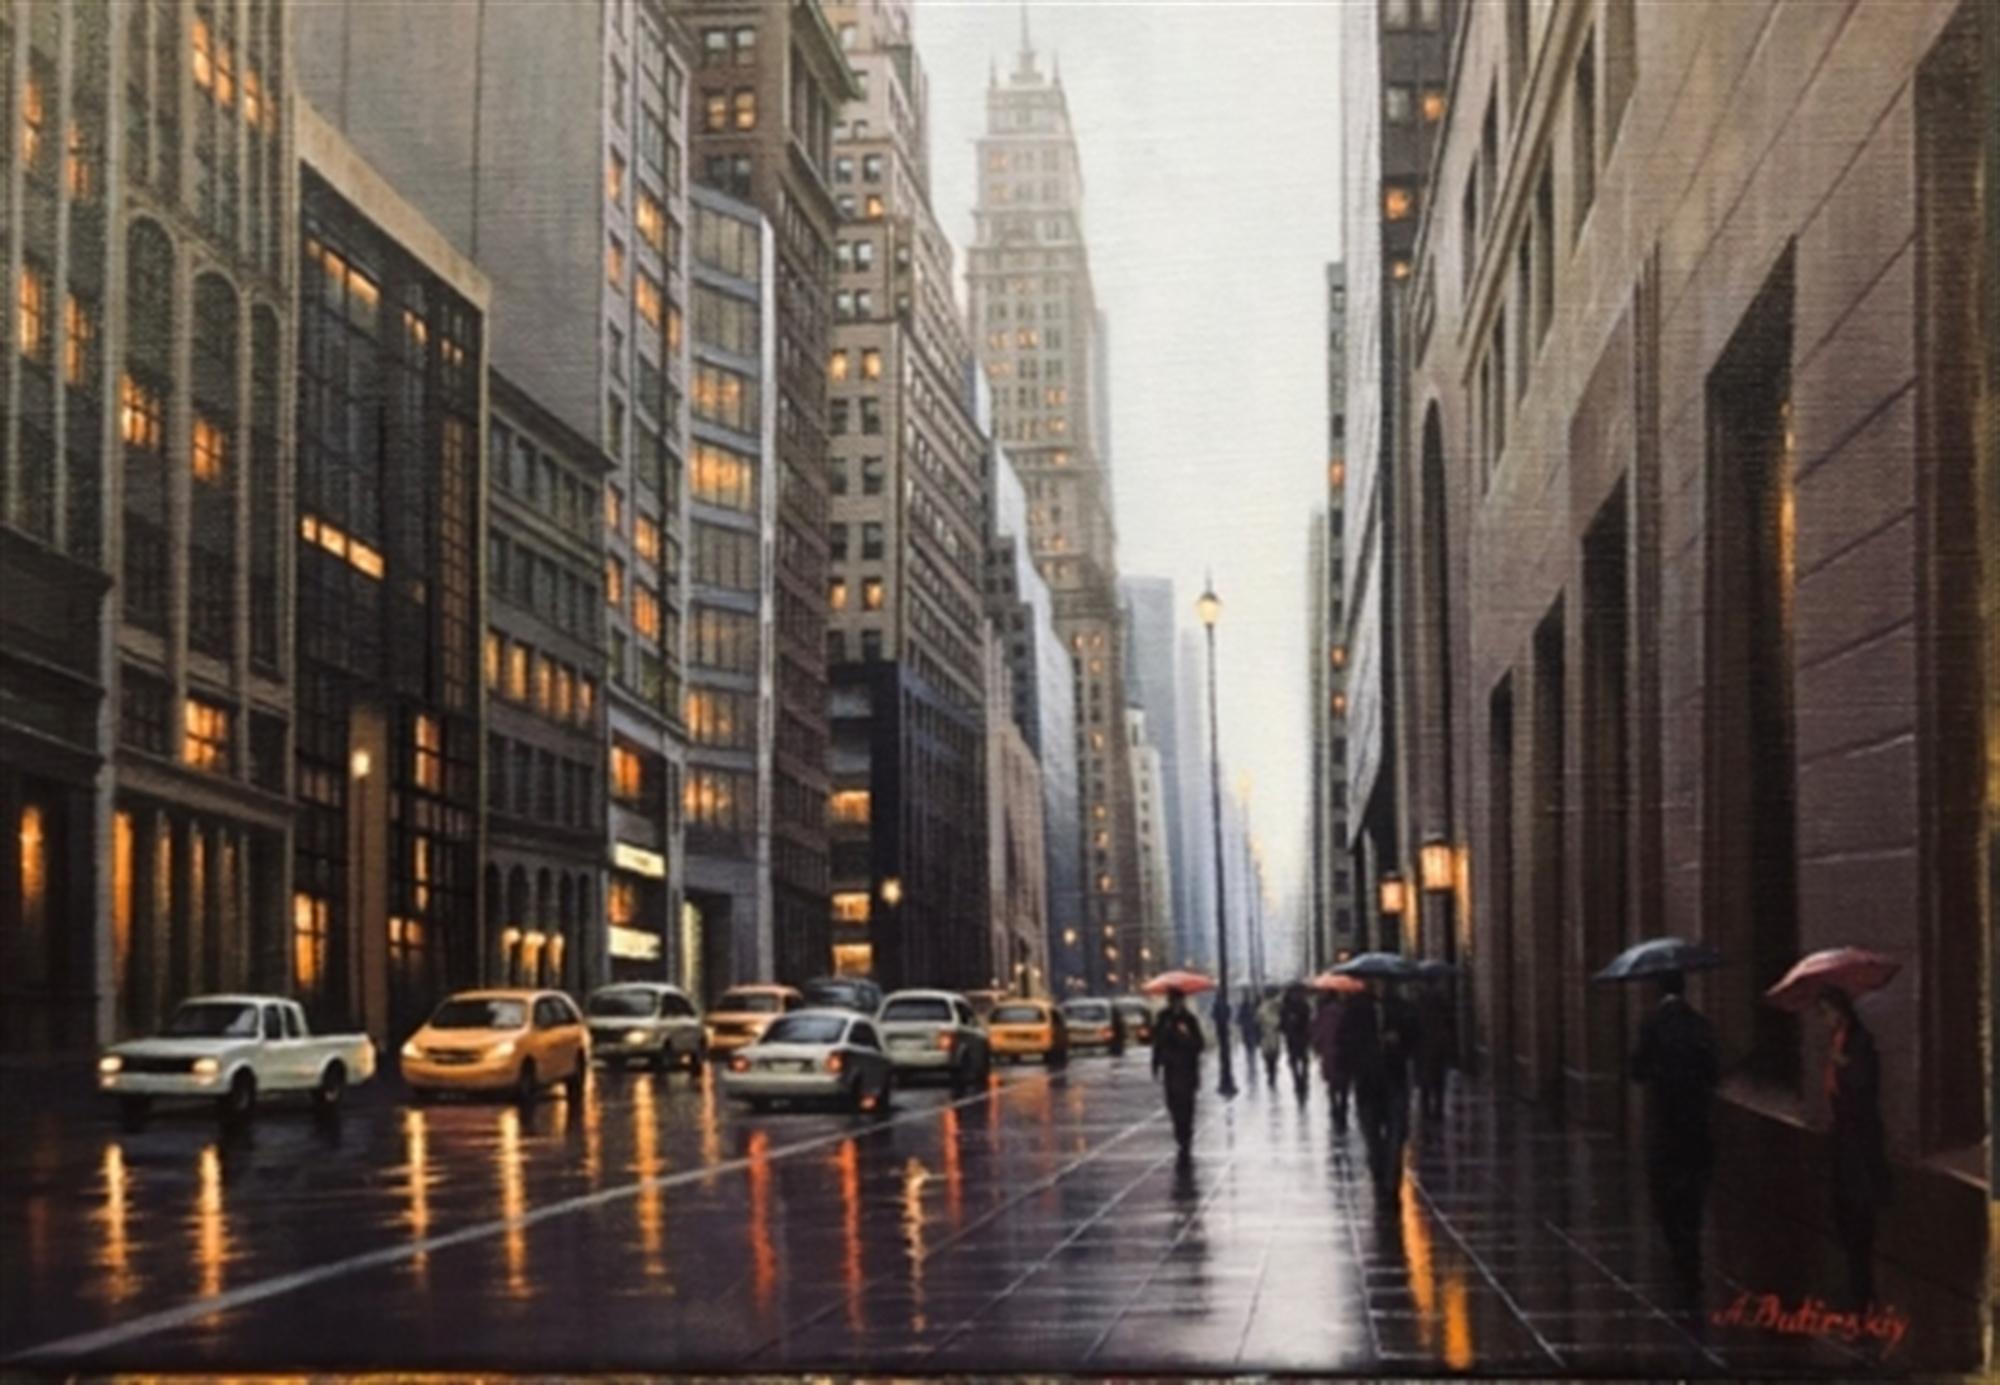 November New York by Alexei Butirskiy